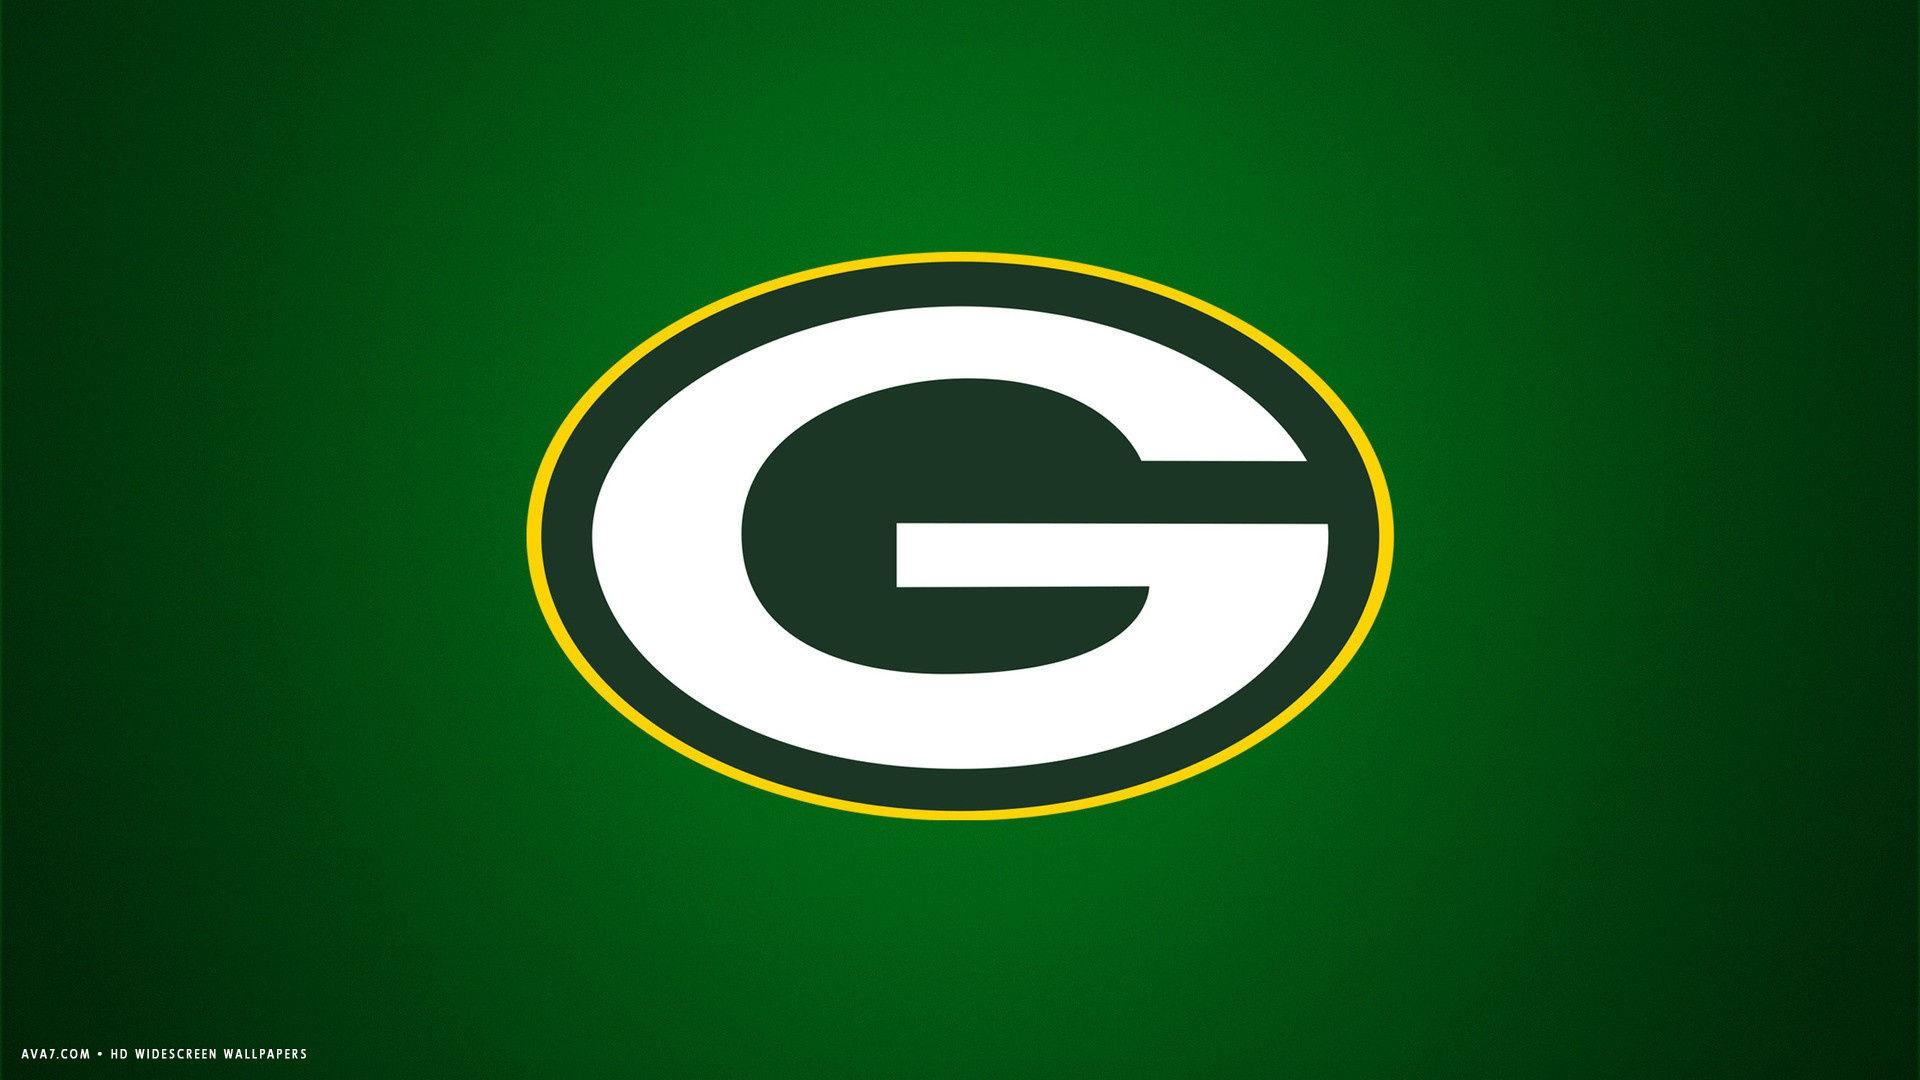 green bay packers nfl football team hd widescreen wallpaper